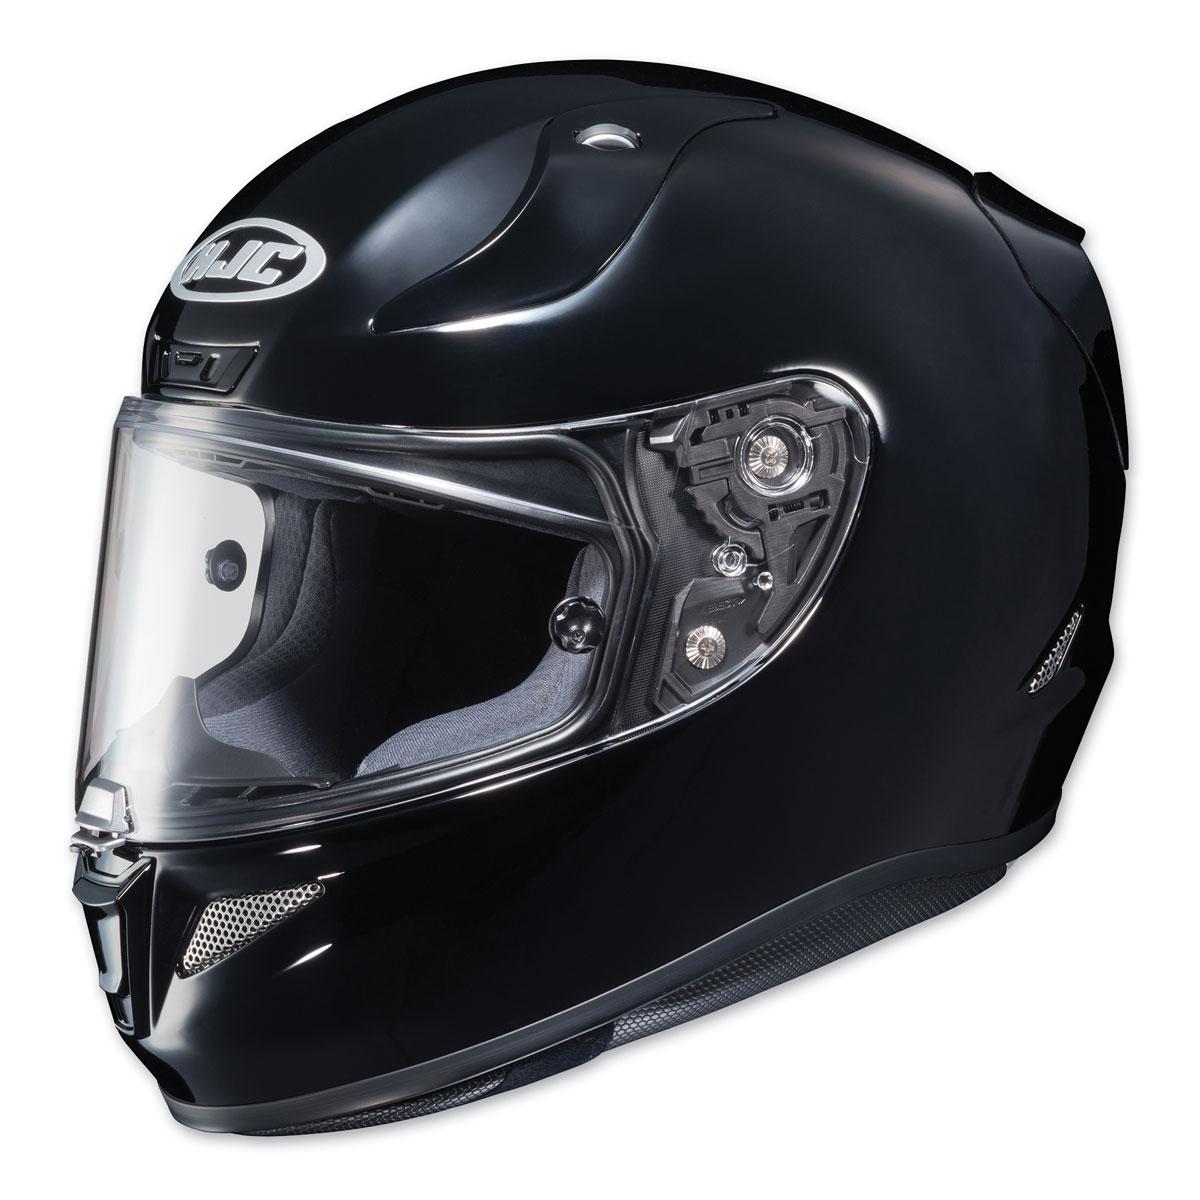 HJC RPHA 11 Pro Black Full Face Helmet